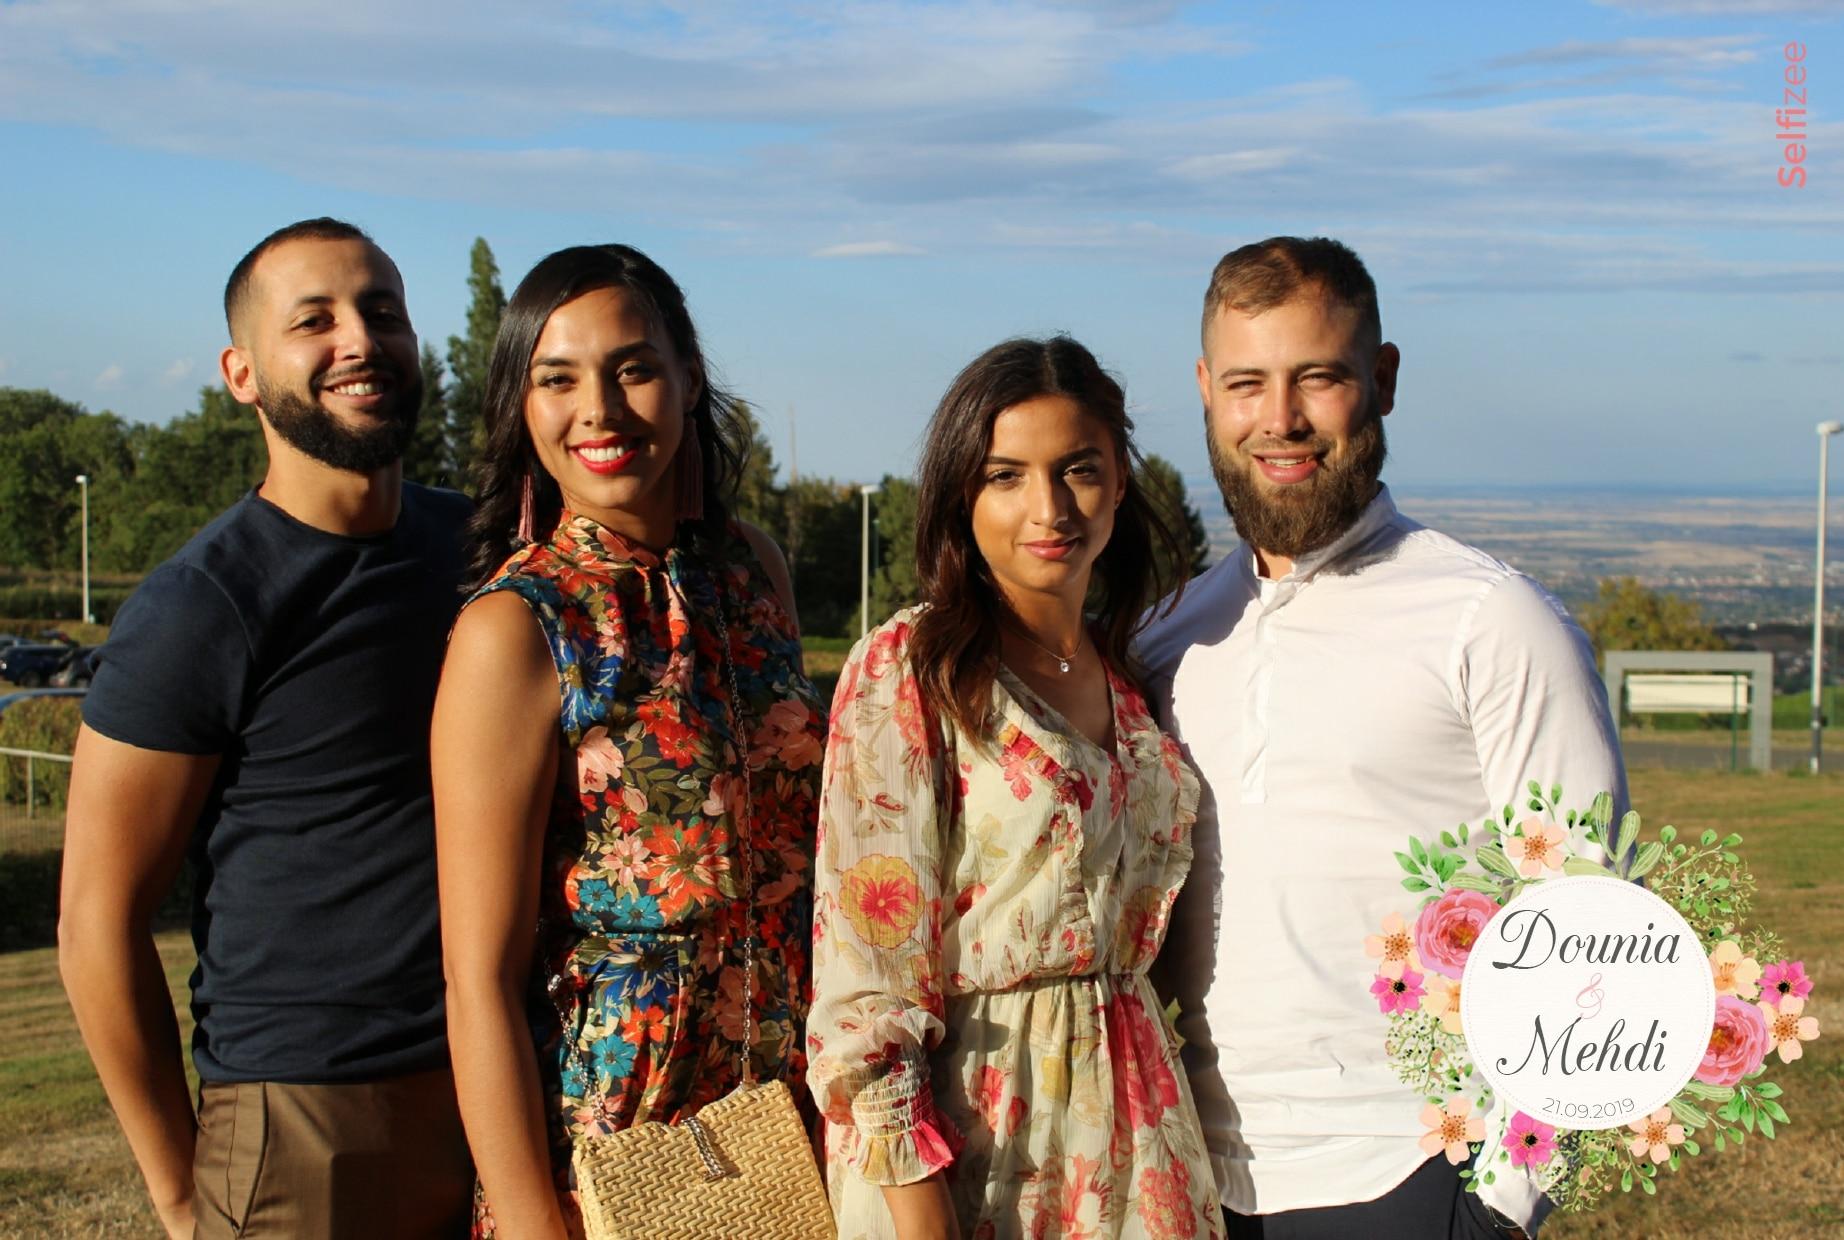 Photo mariage personnalisée avec borne selfie à louer pour animation mariage à Clermont Ferrand et en Puy de Dôme